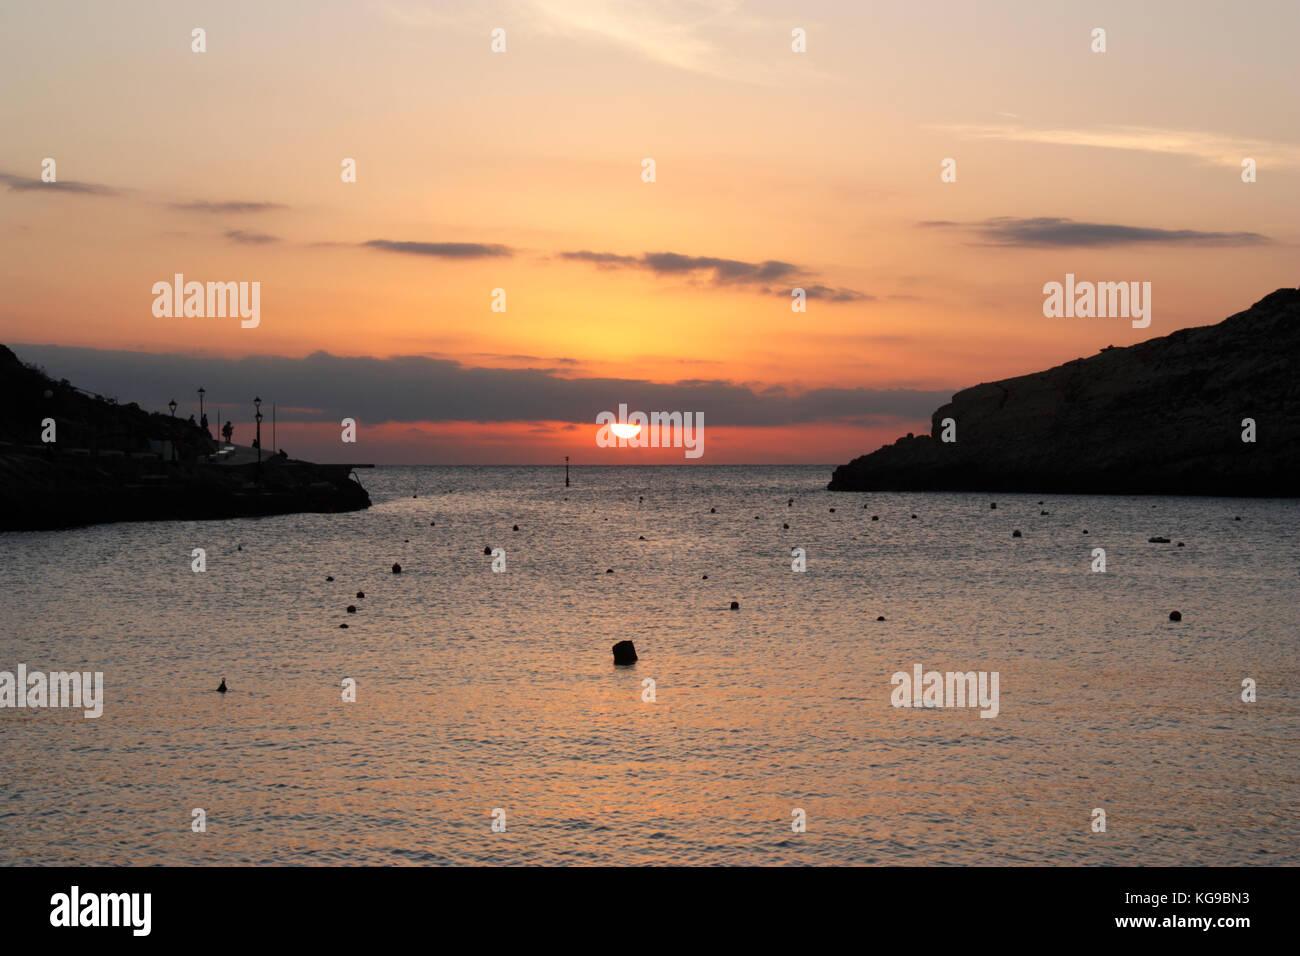 Tramonto sul mare Mediterraneo, come si vede dalla stazione balneare di Xlendi a Gozo, Malta Immagini Stock